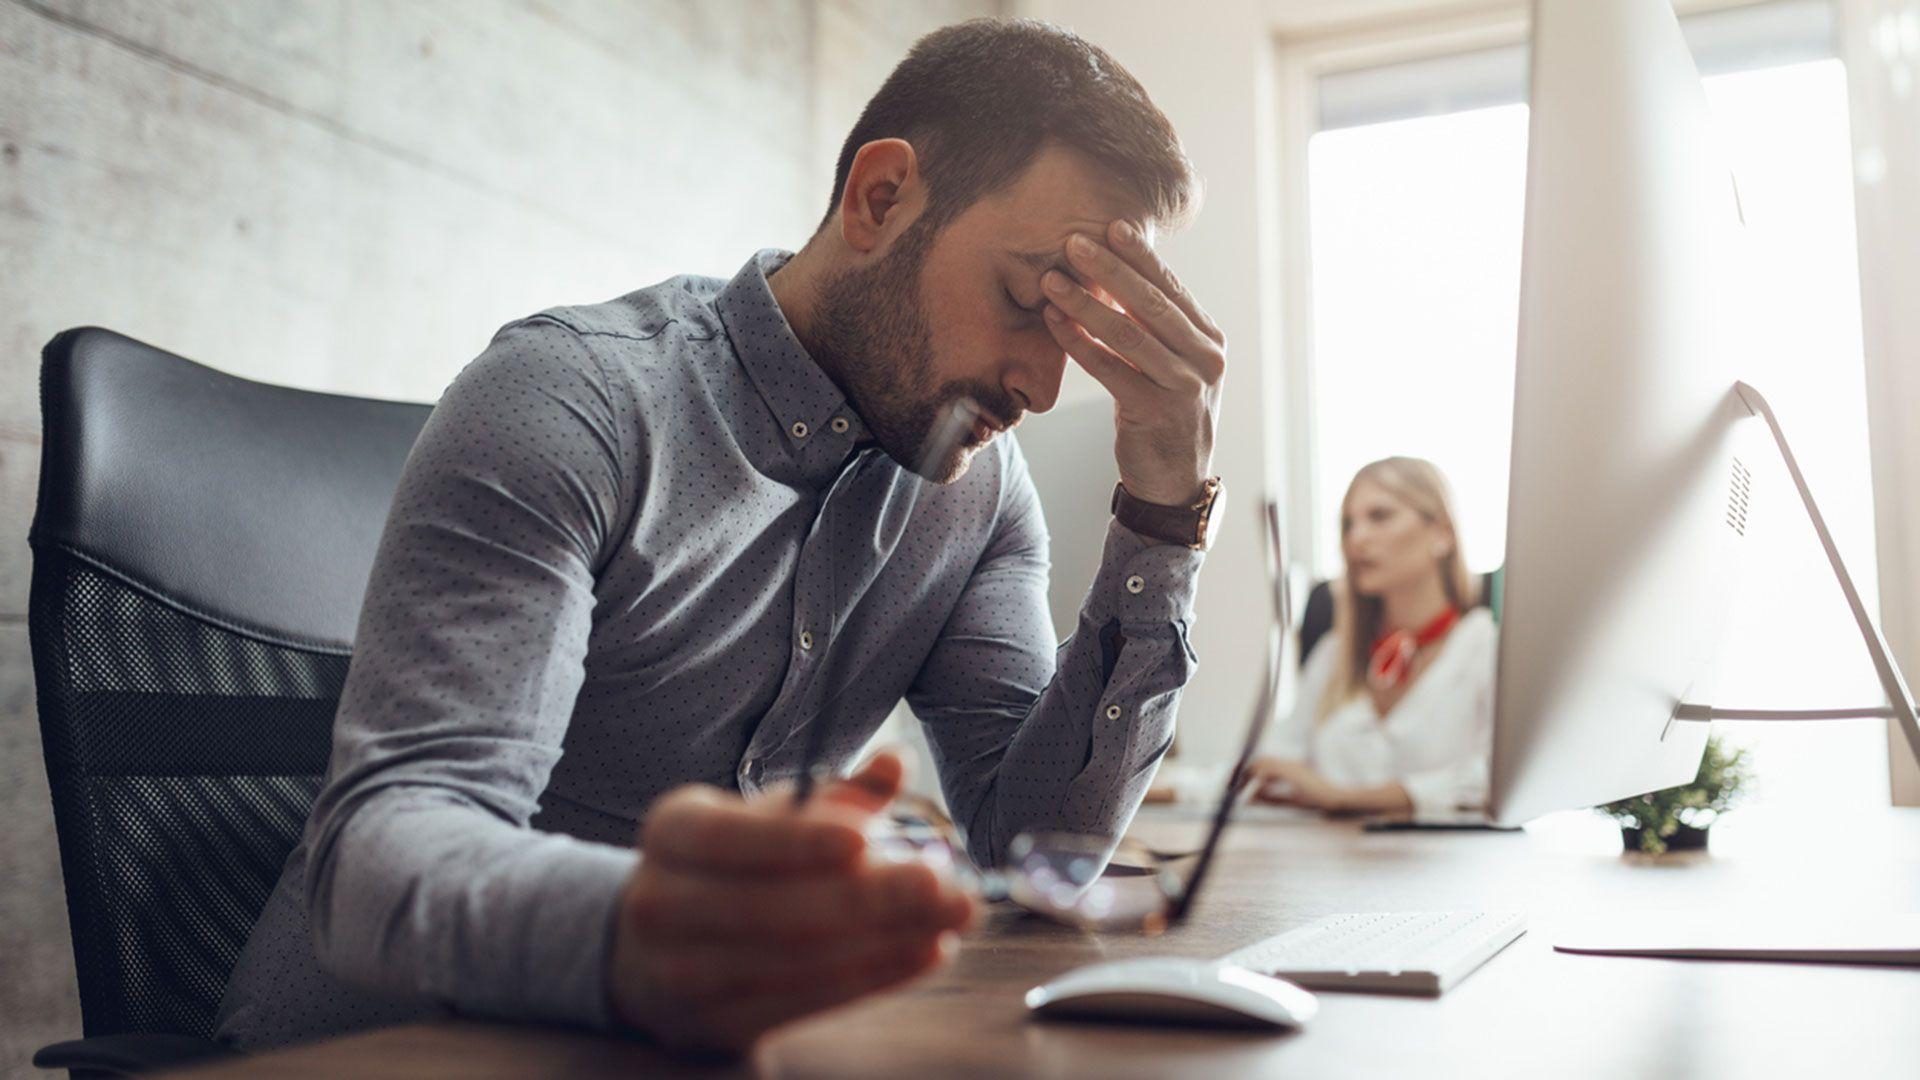 No dormir cómo mínimo 7-8 horas diarias, aumenta la ansiedad y el estrés.